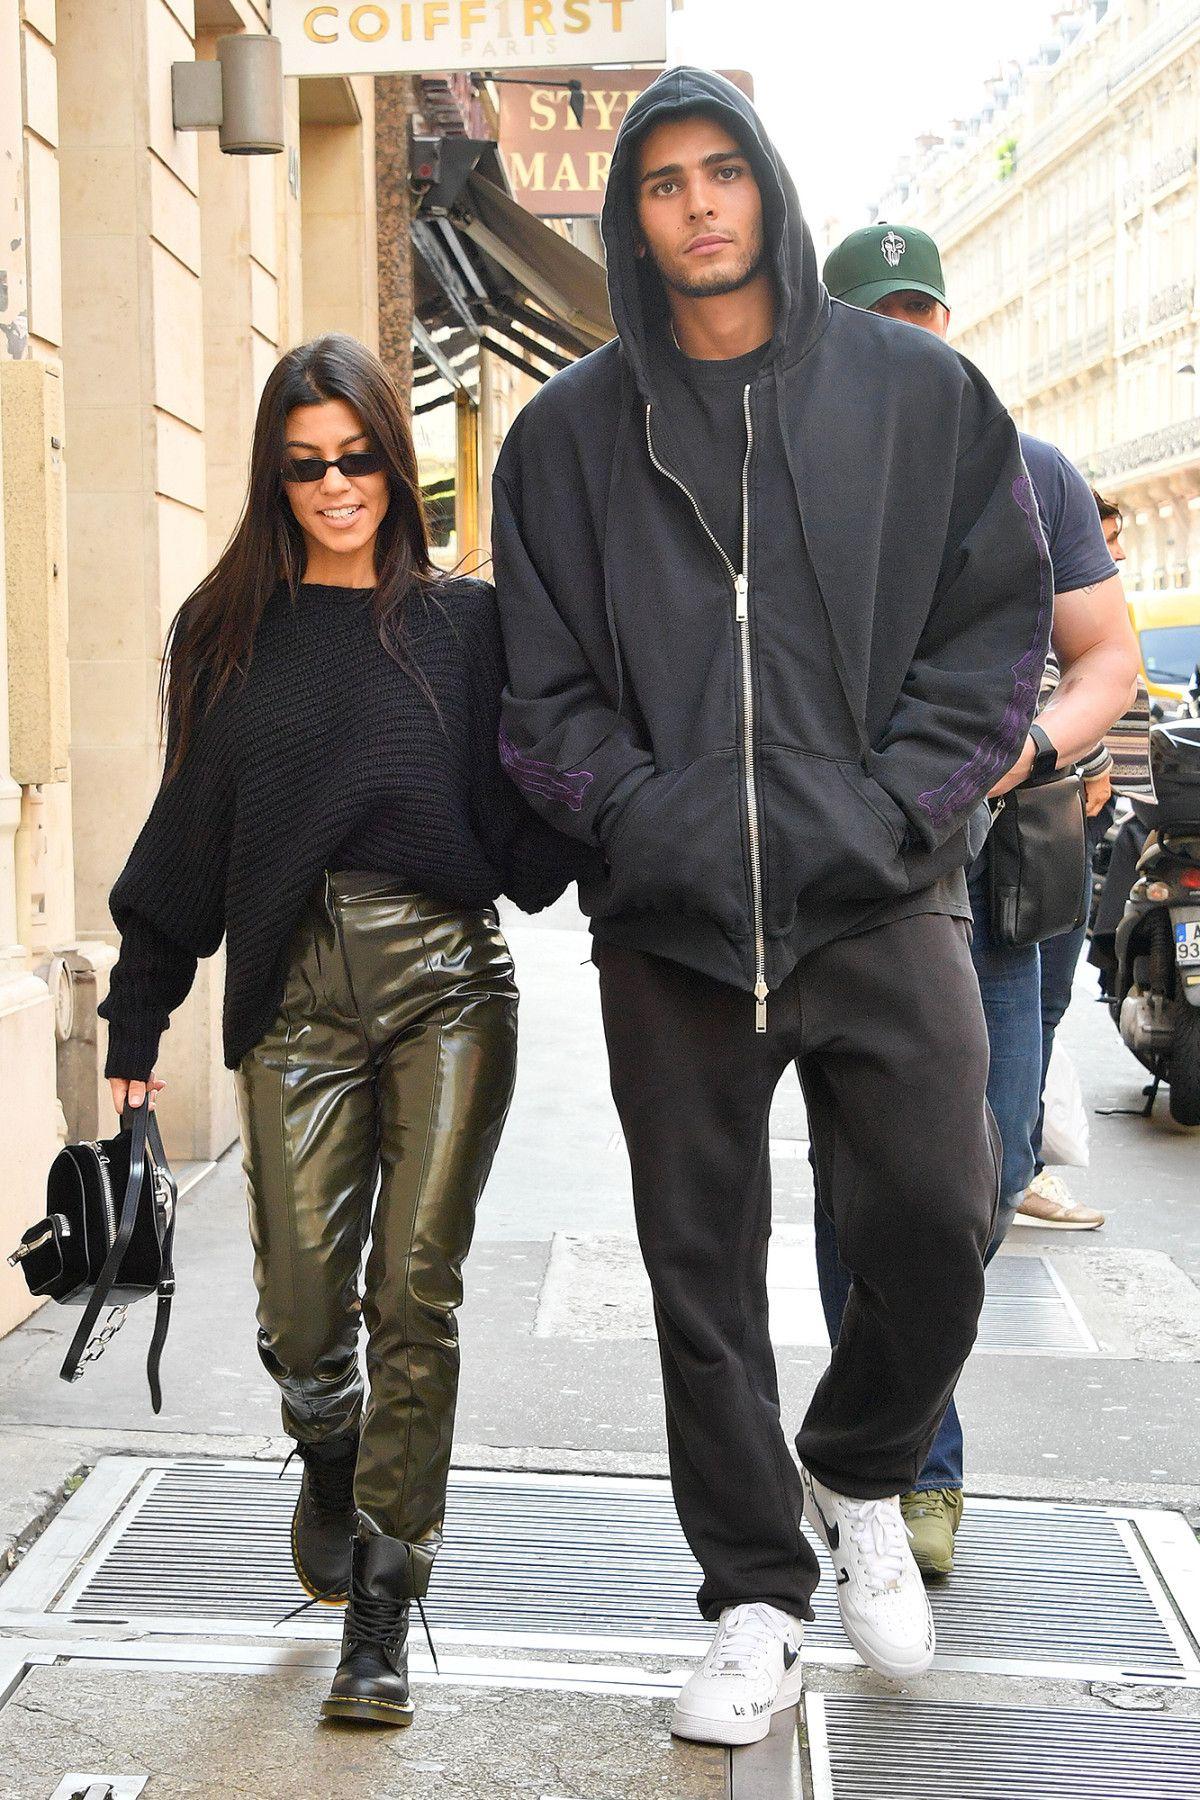 00e7a592d9 Scott Disick is jealous of Kourtney Kardashian s Boyfriend